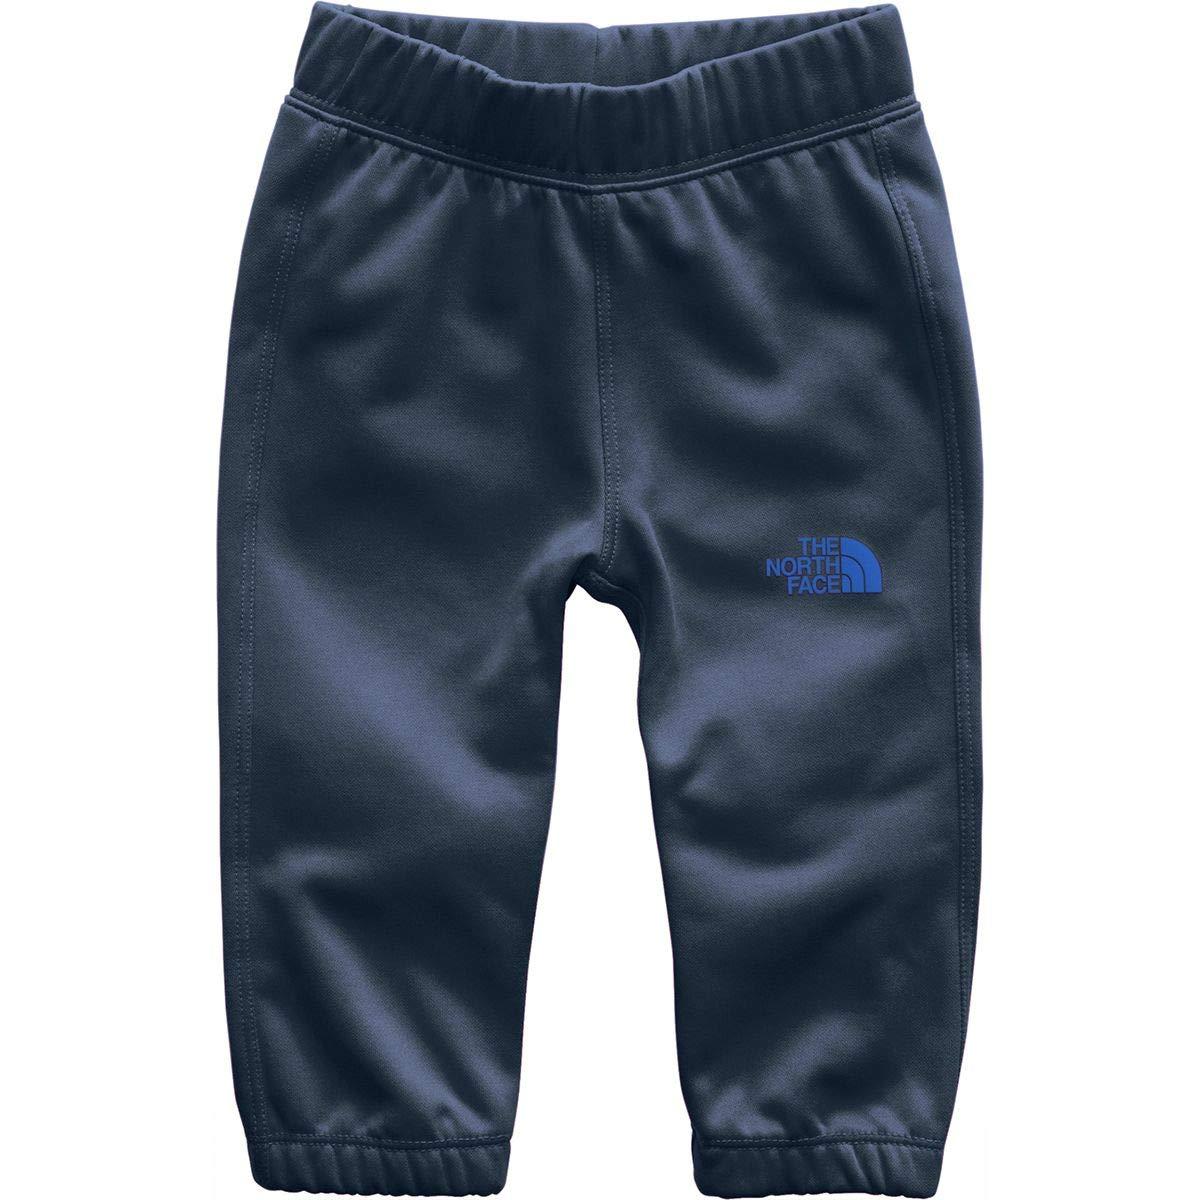 【超歓迎された】 The PANTS North Face PANTS US ユニセックスベビー US サイズ: 6-12 Months The カラー: ブラック B0719SC437, ビジネスマン御用達のビズイズム:73605784 --- a0267596.xsph.ru